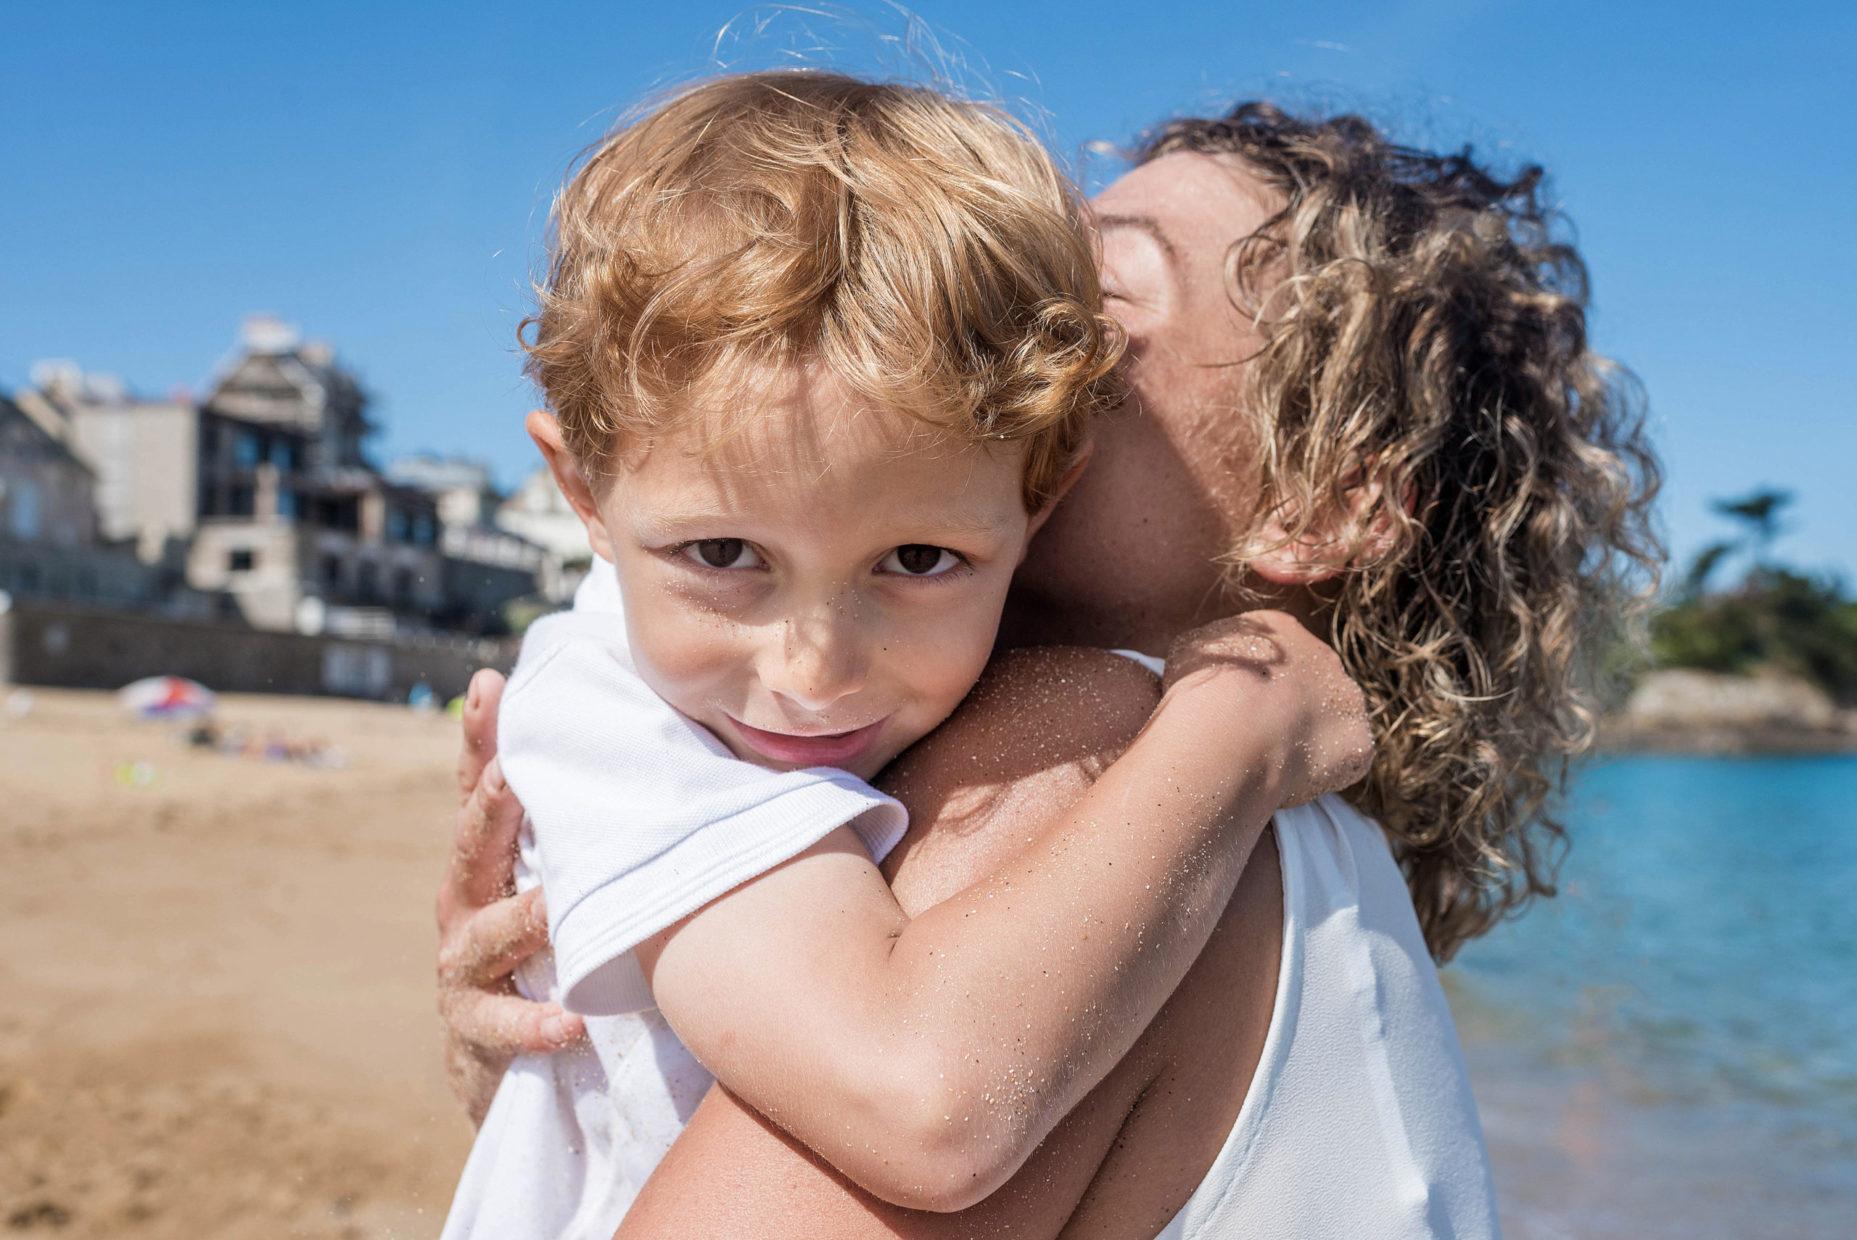 câlin en image d'une mère et son fils dans les bras